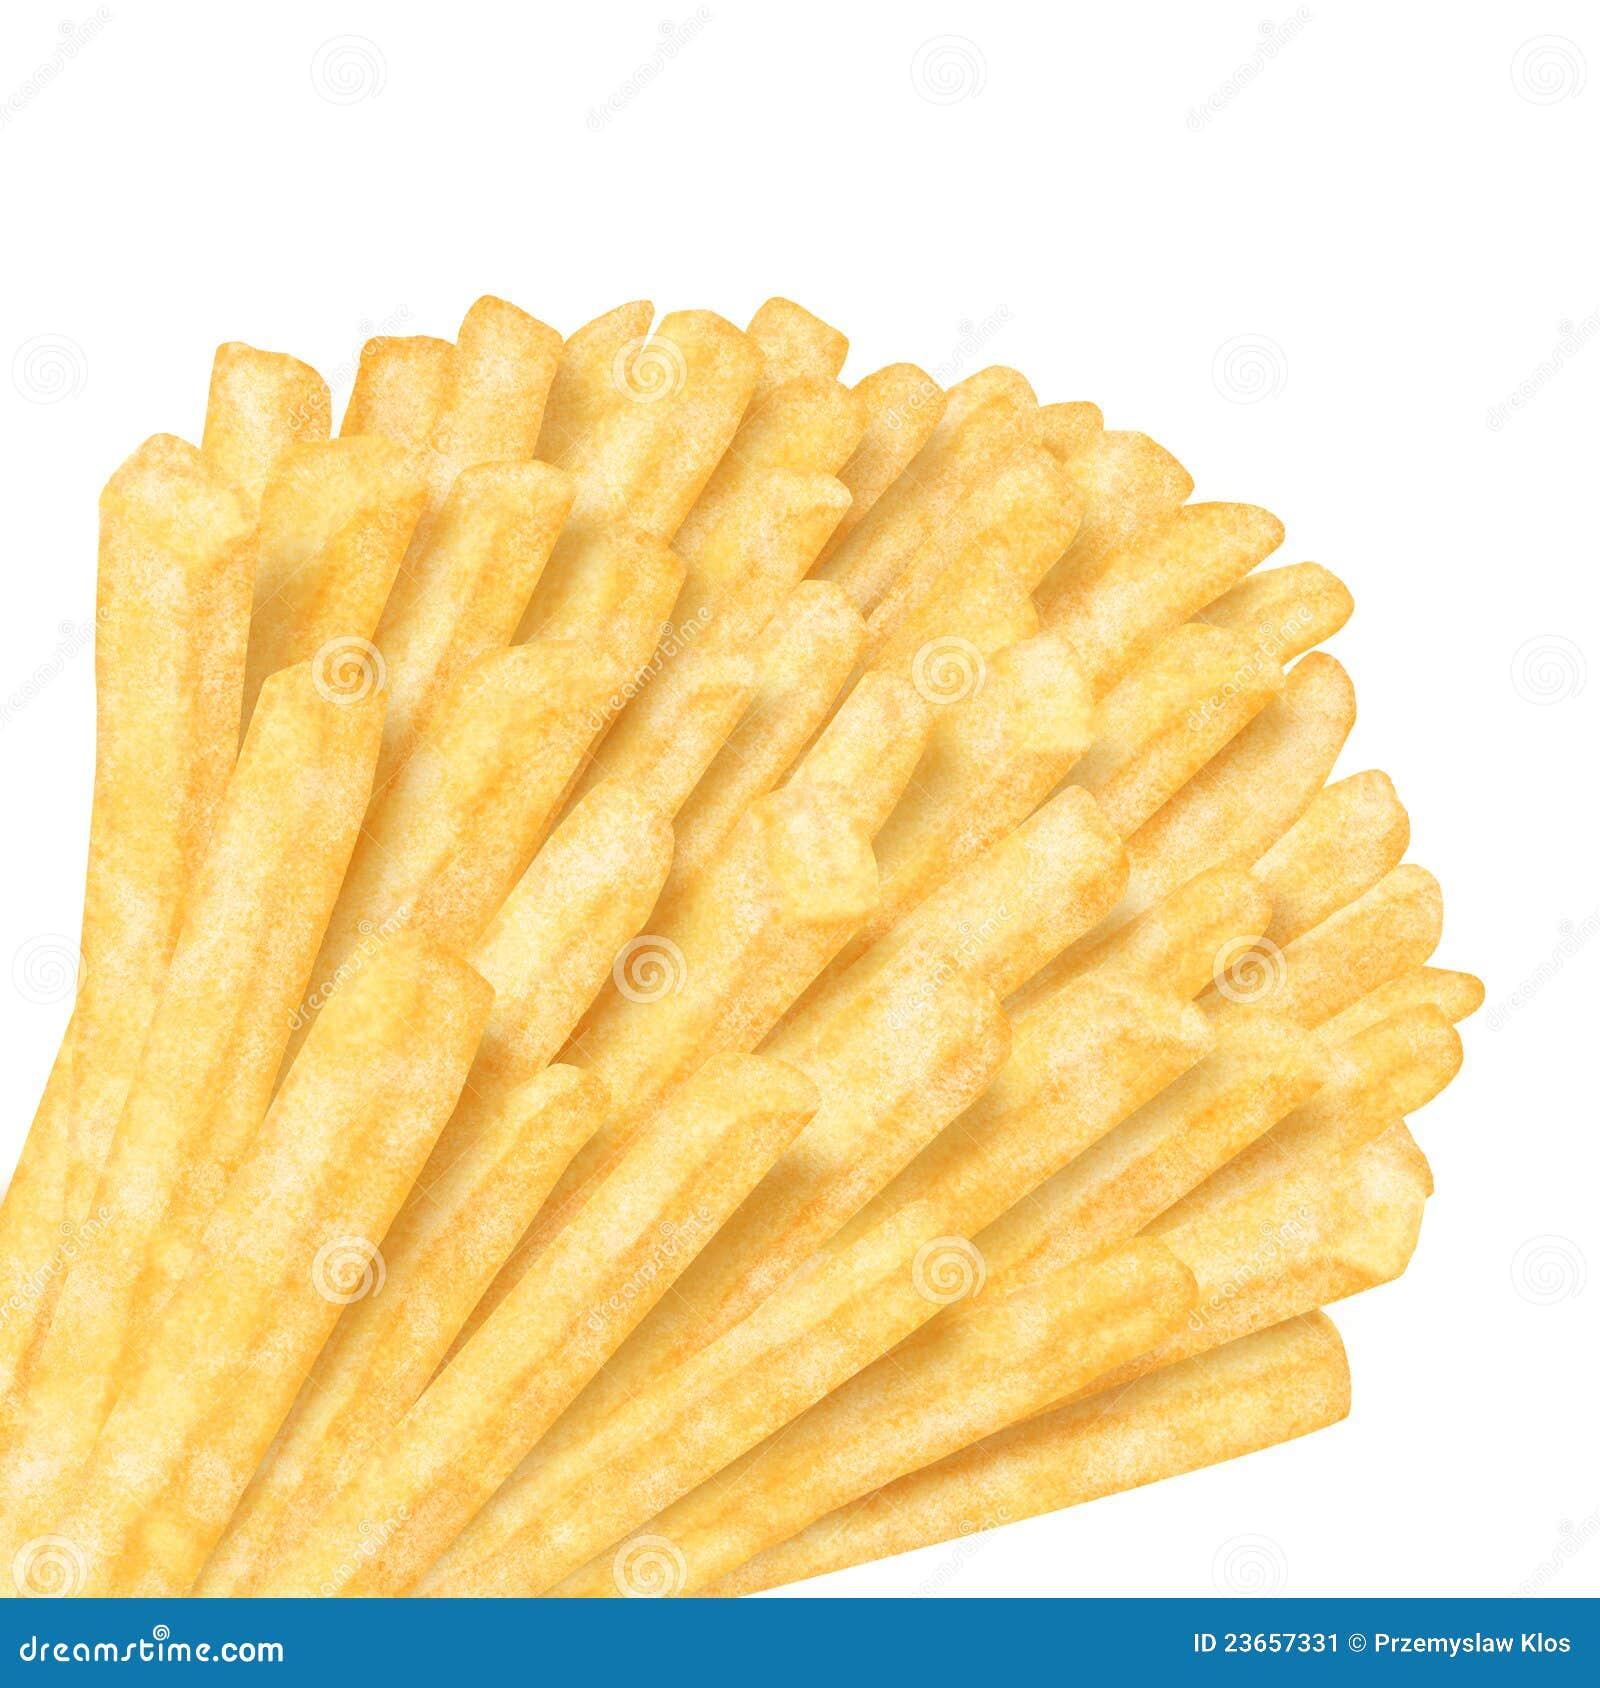 Groupe de pommes frites dans le coin